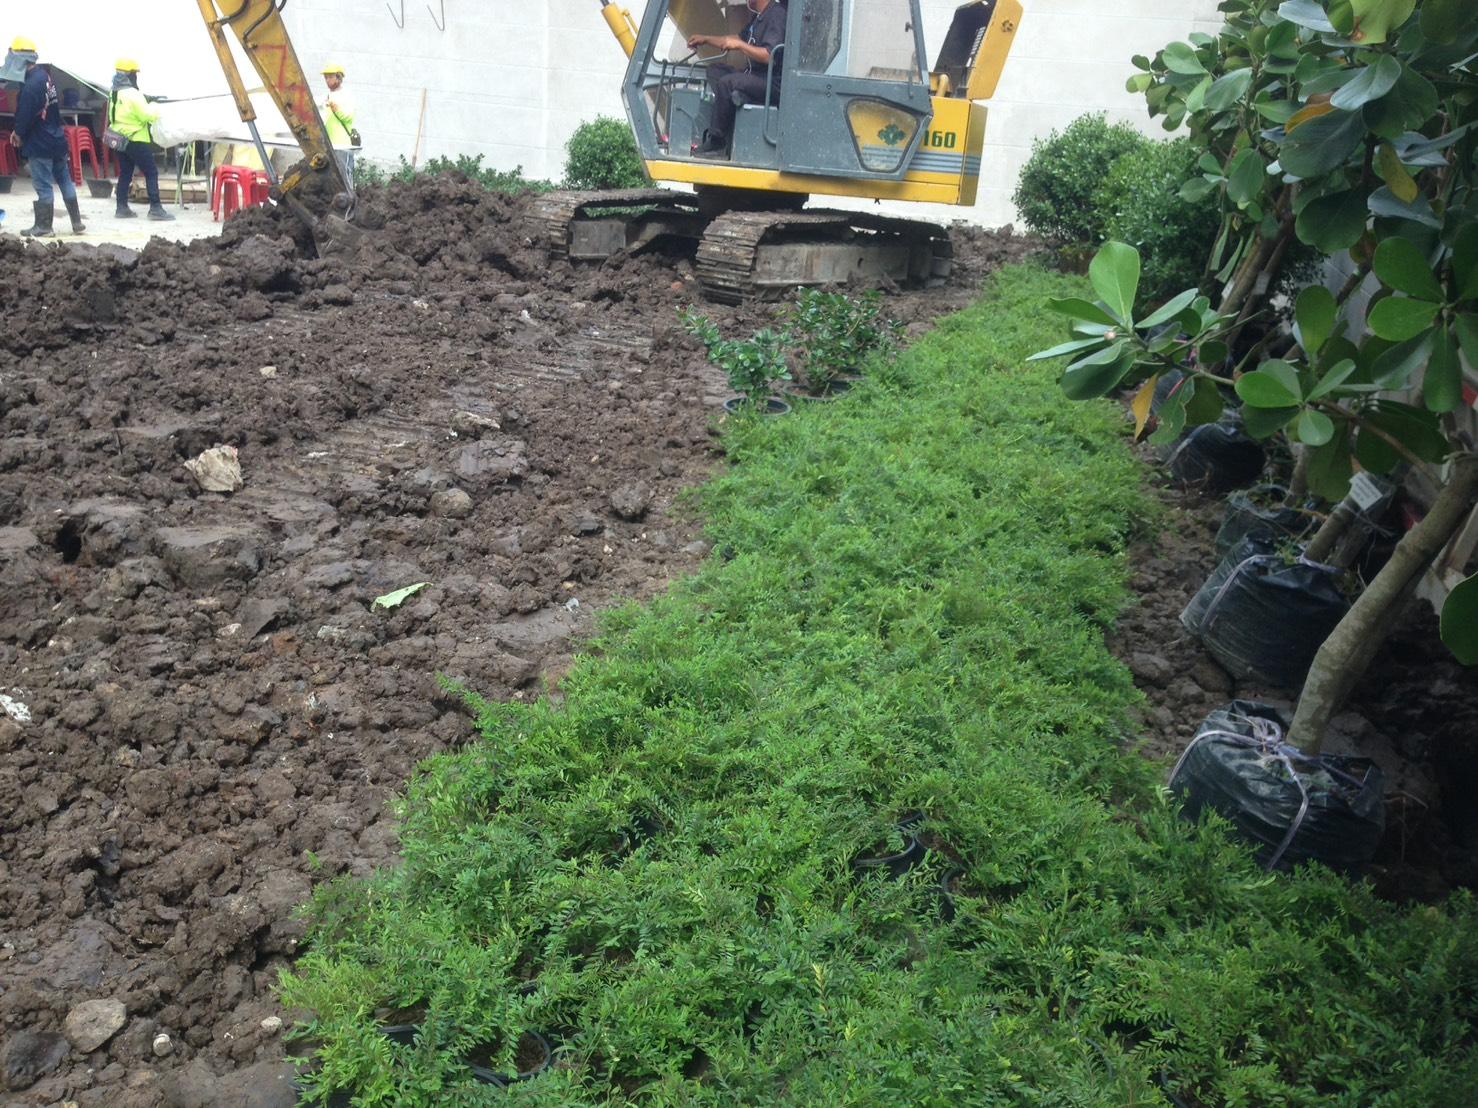 งานถมดิน หน้าดิน จัดสวน คอนโด ถนนเพชรบุรี